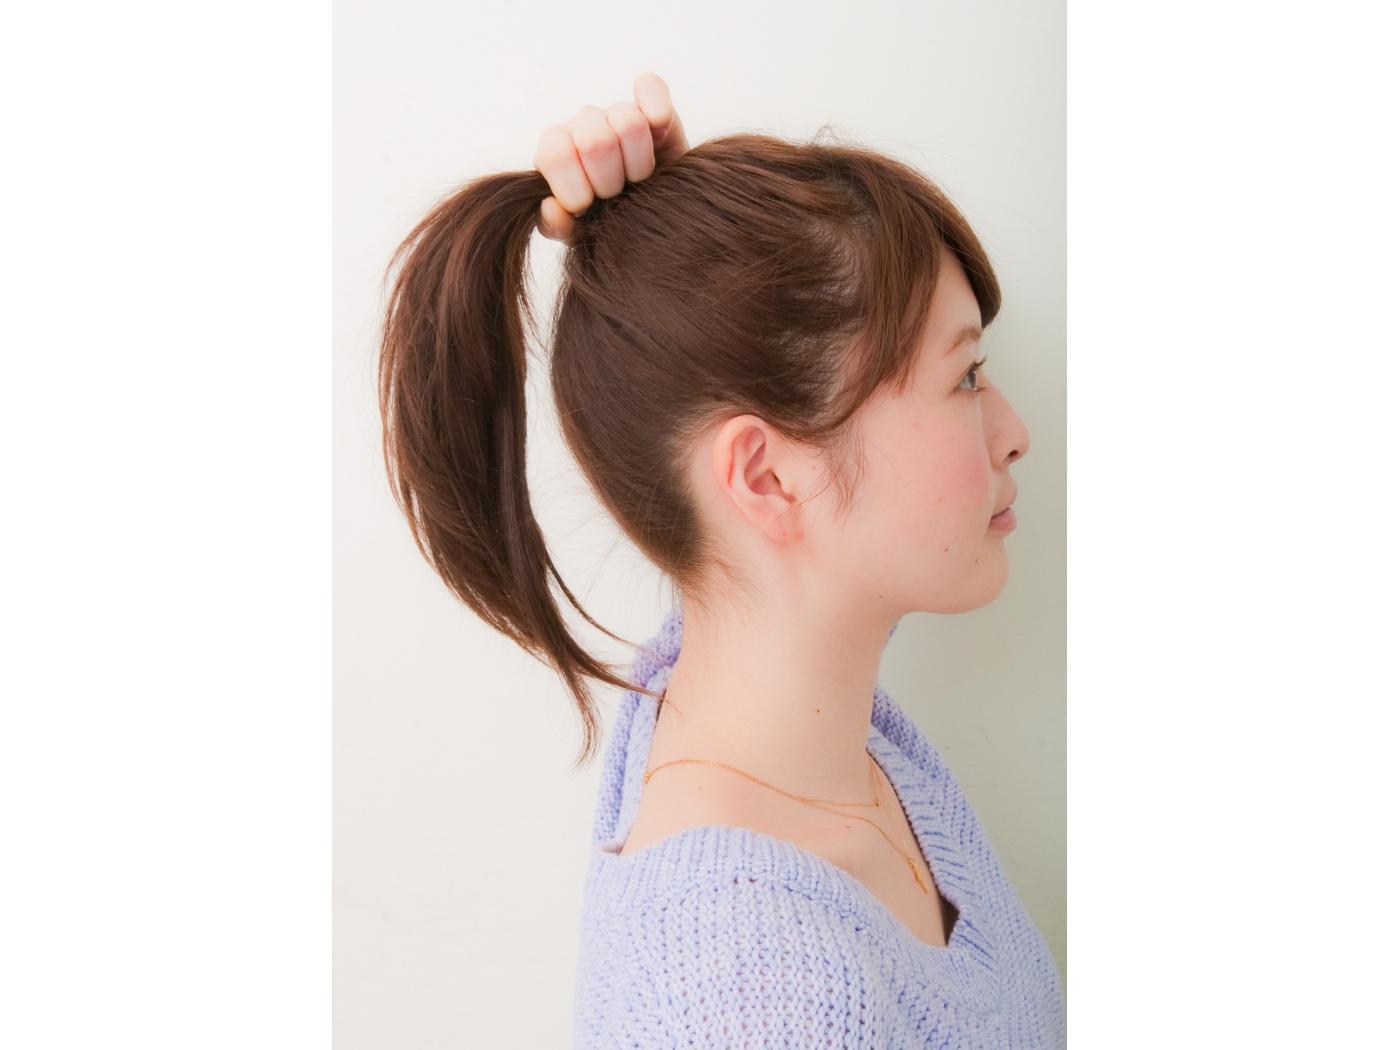 ボブでもポニーテールはできる!短いストレートの髪の毛を結ぶ方法は?のサムネイル画像